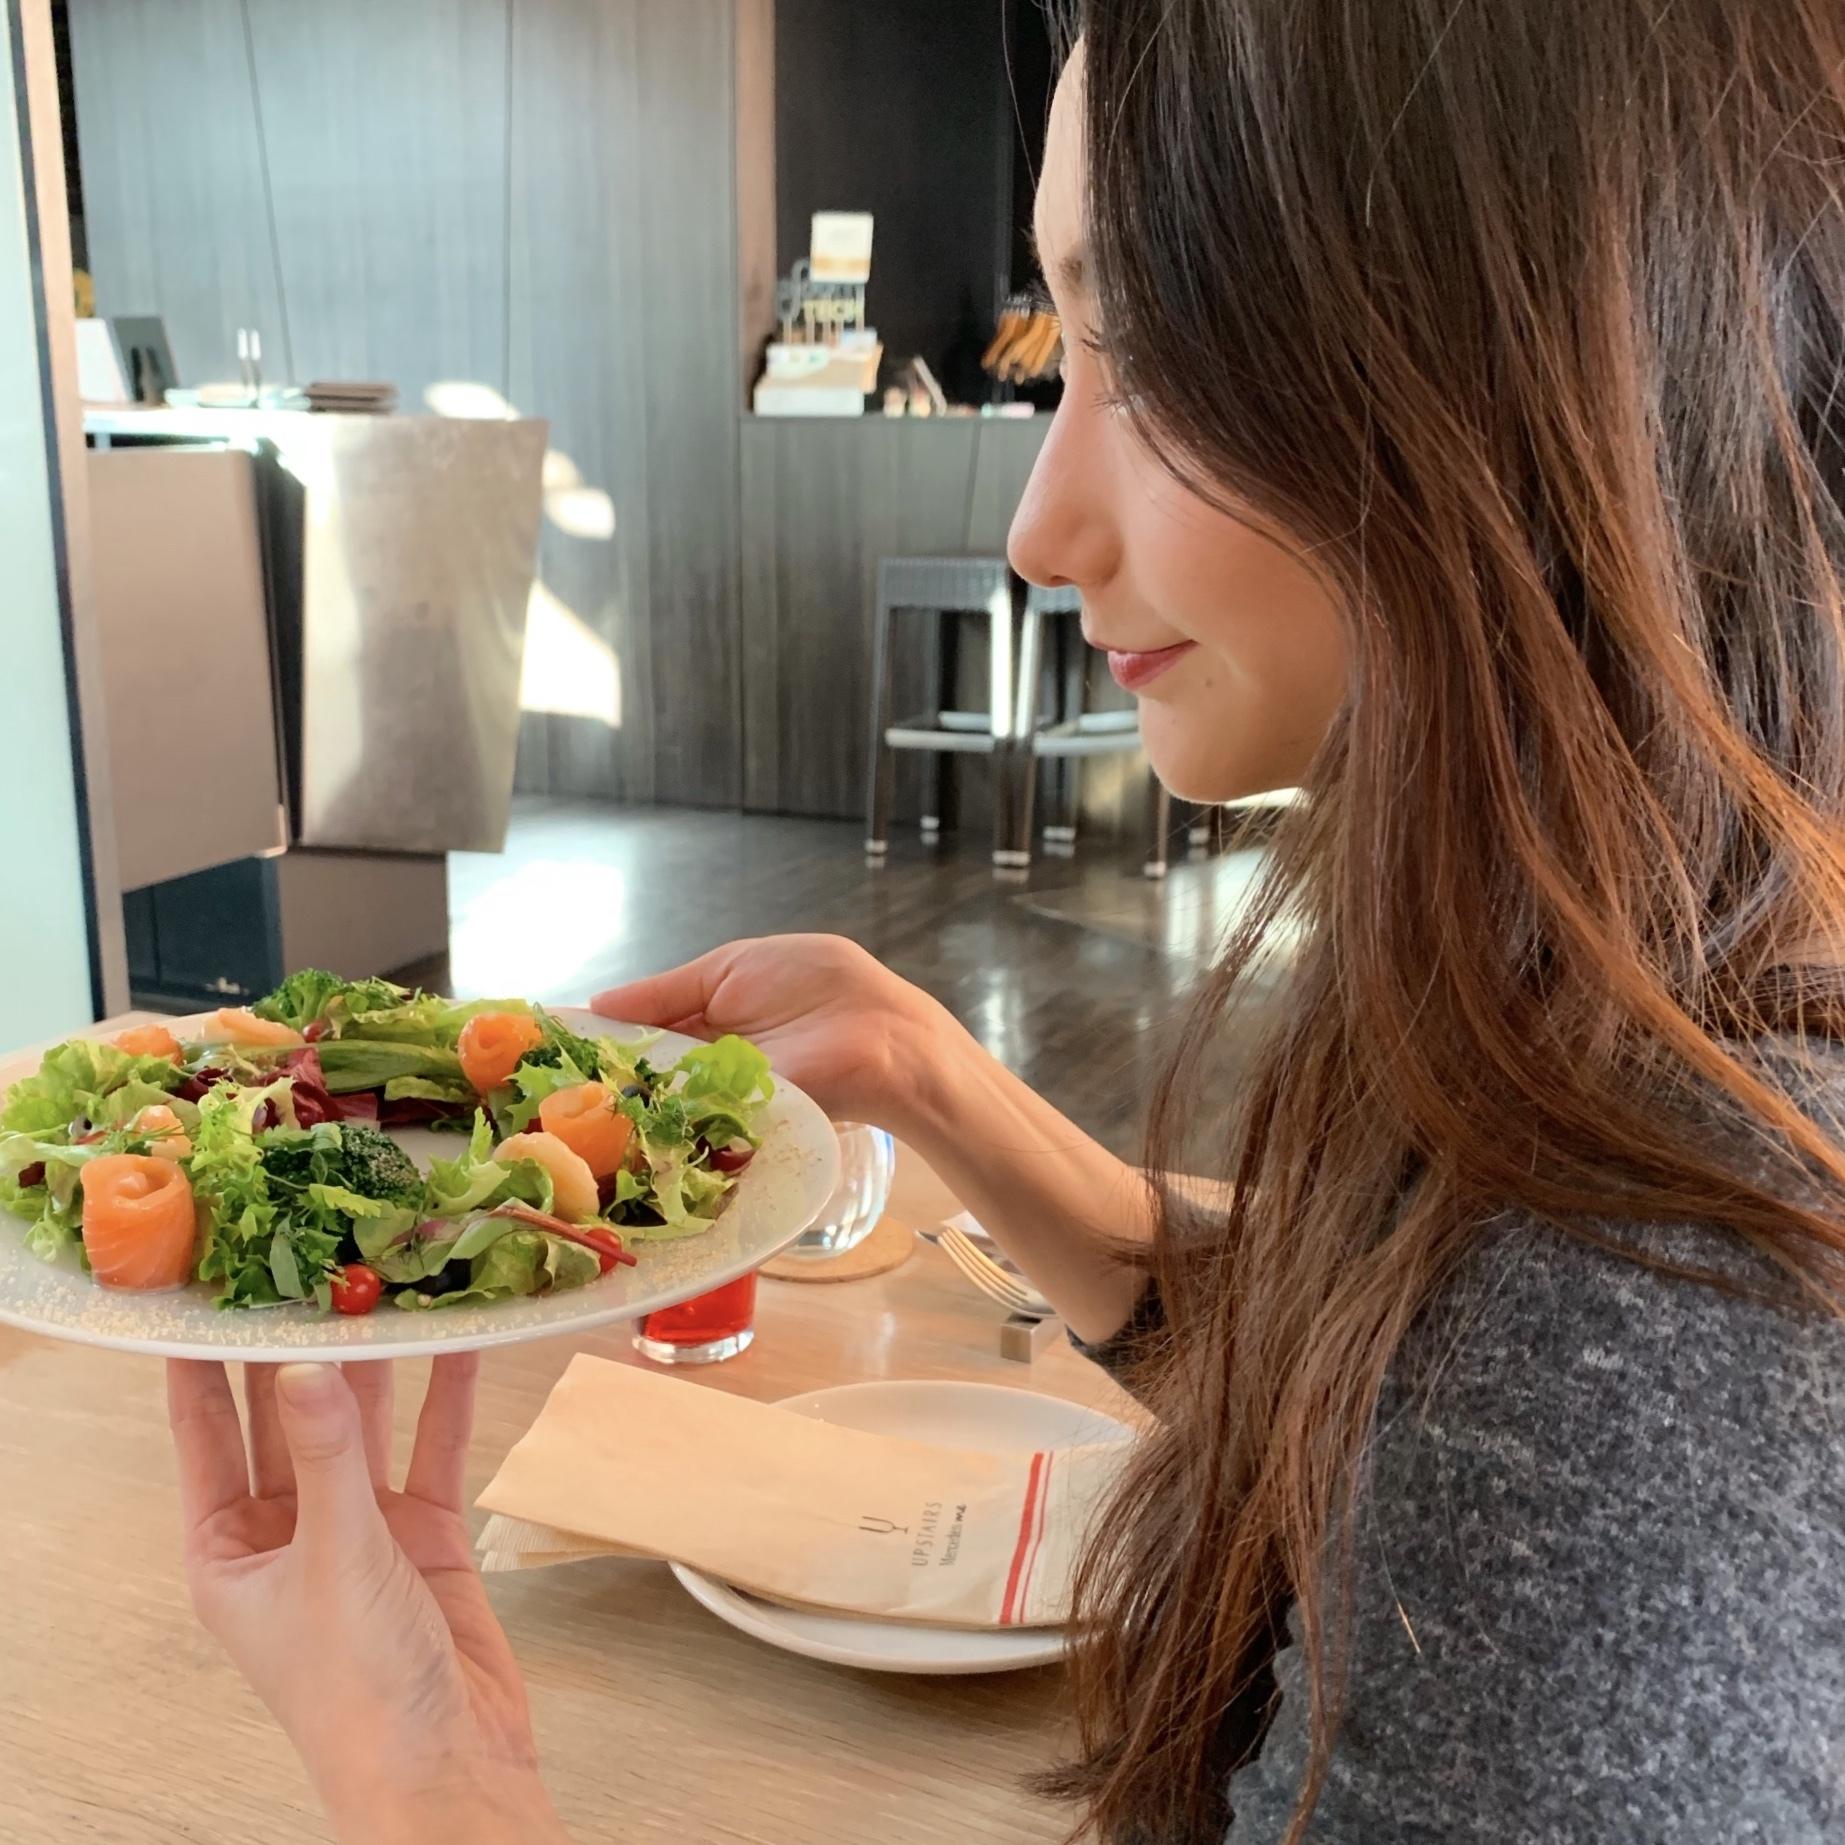 ヘルシーな食事が楽しめるおすすめカフェ4選☺︎_1_1